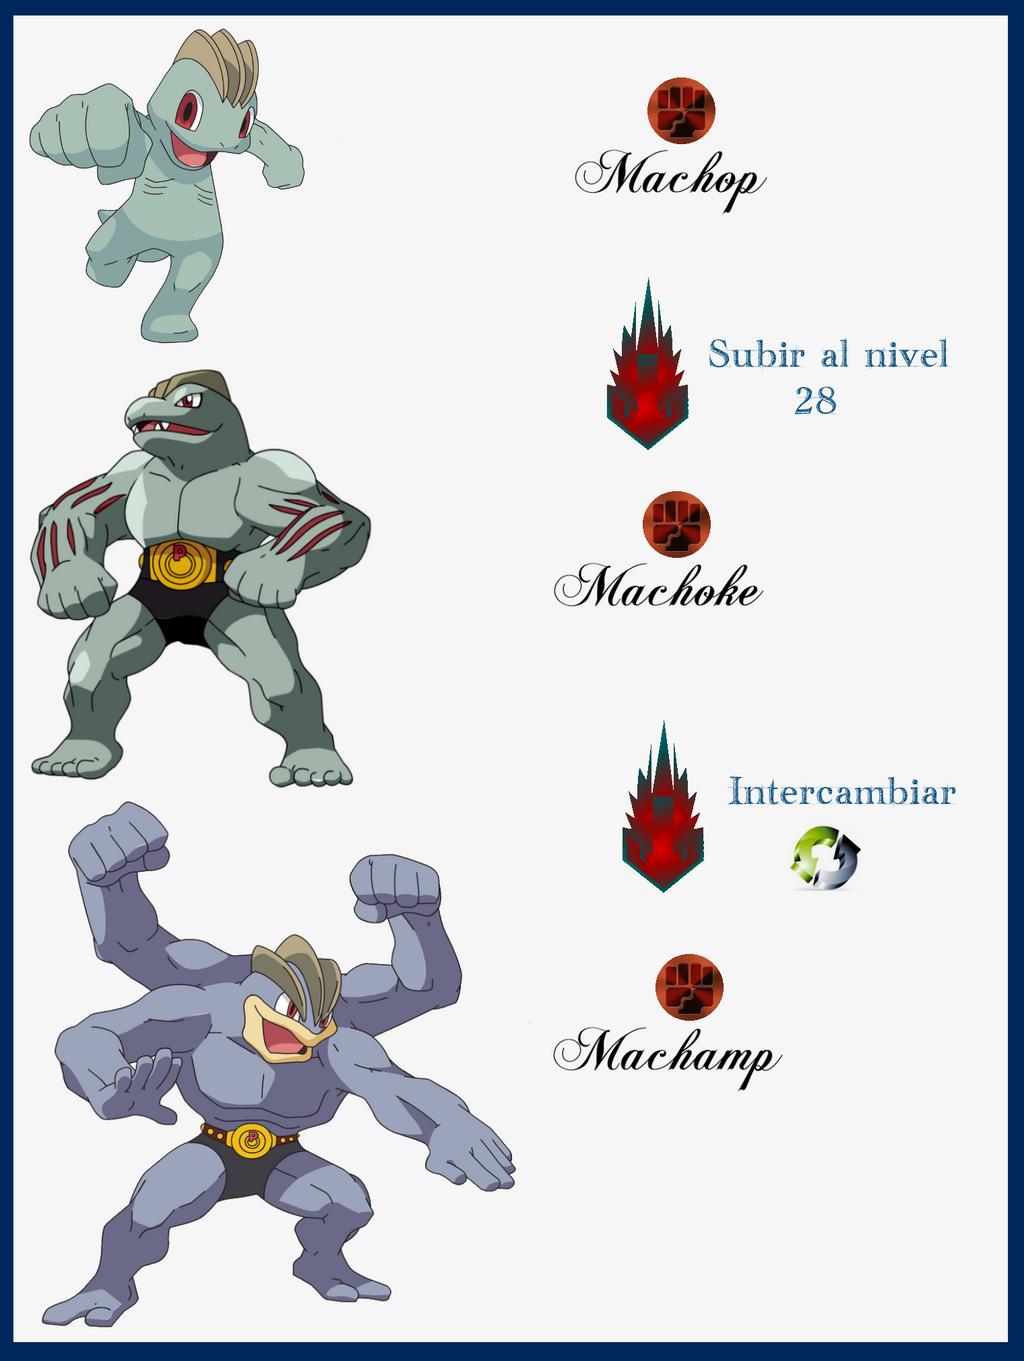 Evolution Machop Evolution